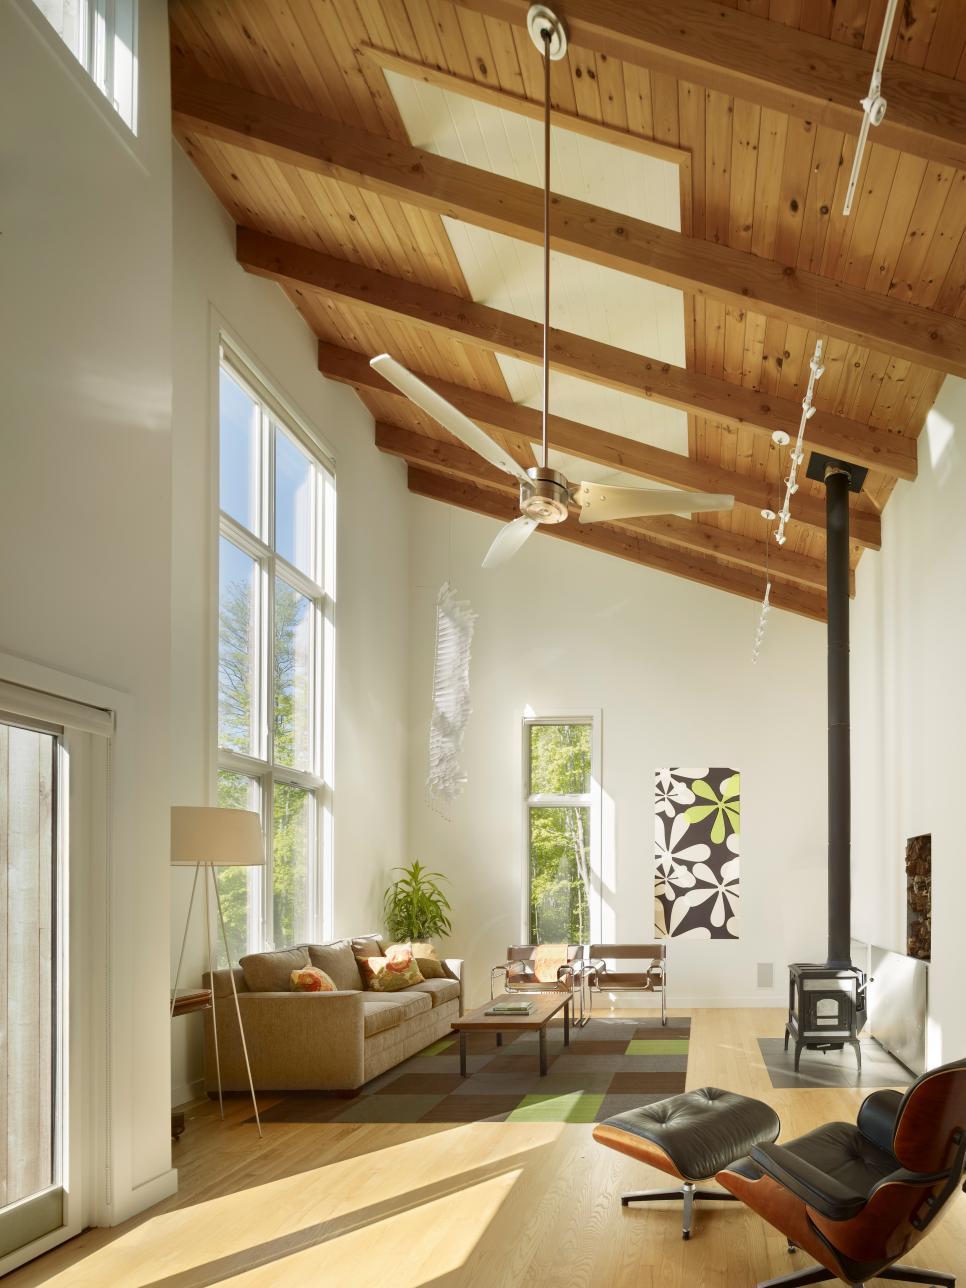 30 techos de madera de interior no te lo pierdas for Techos para apartamentos